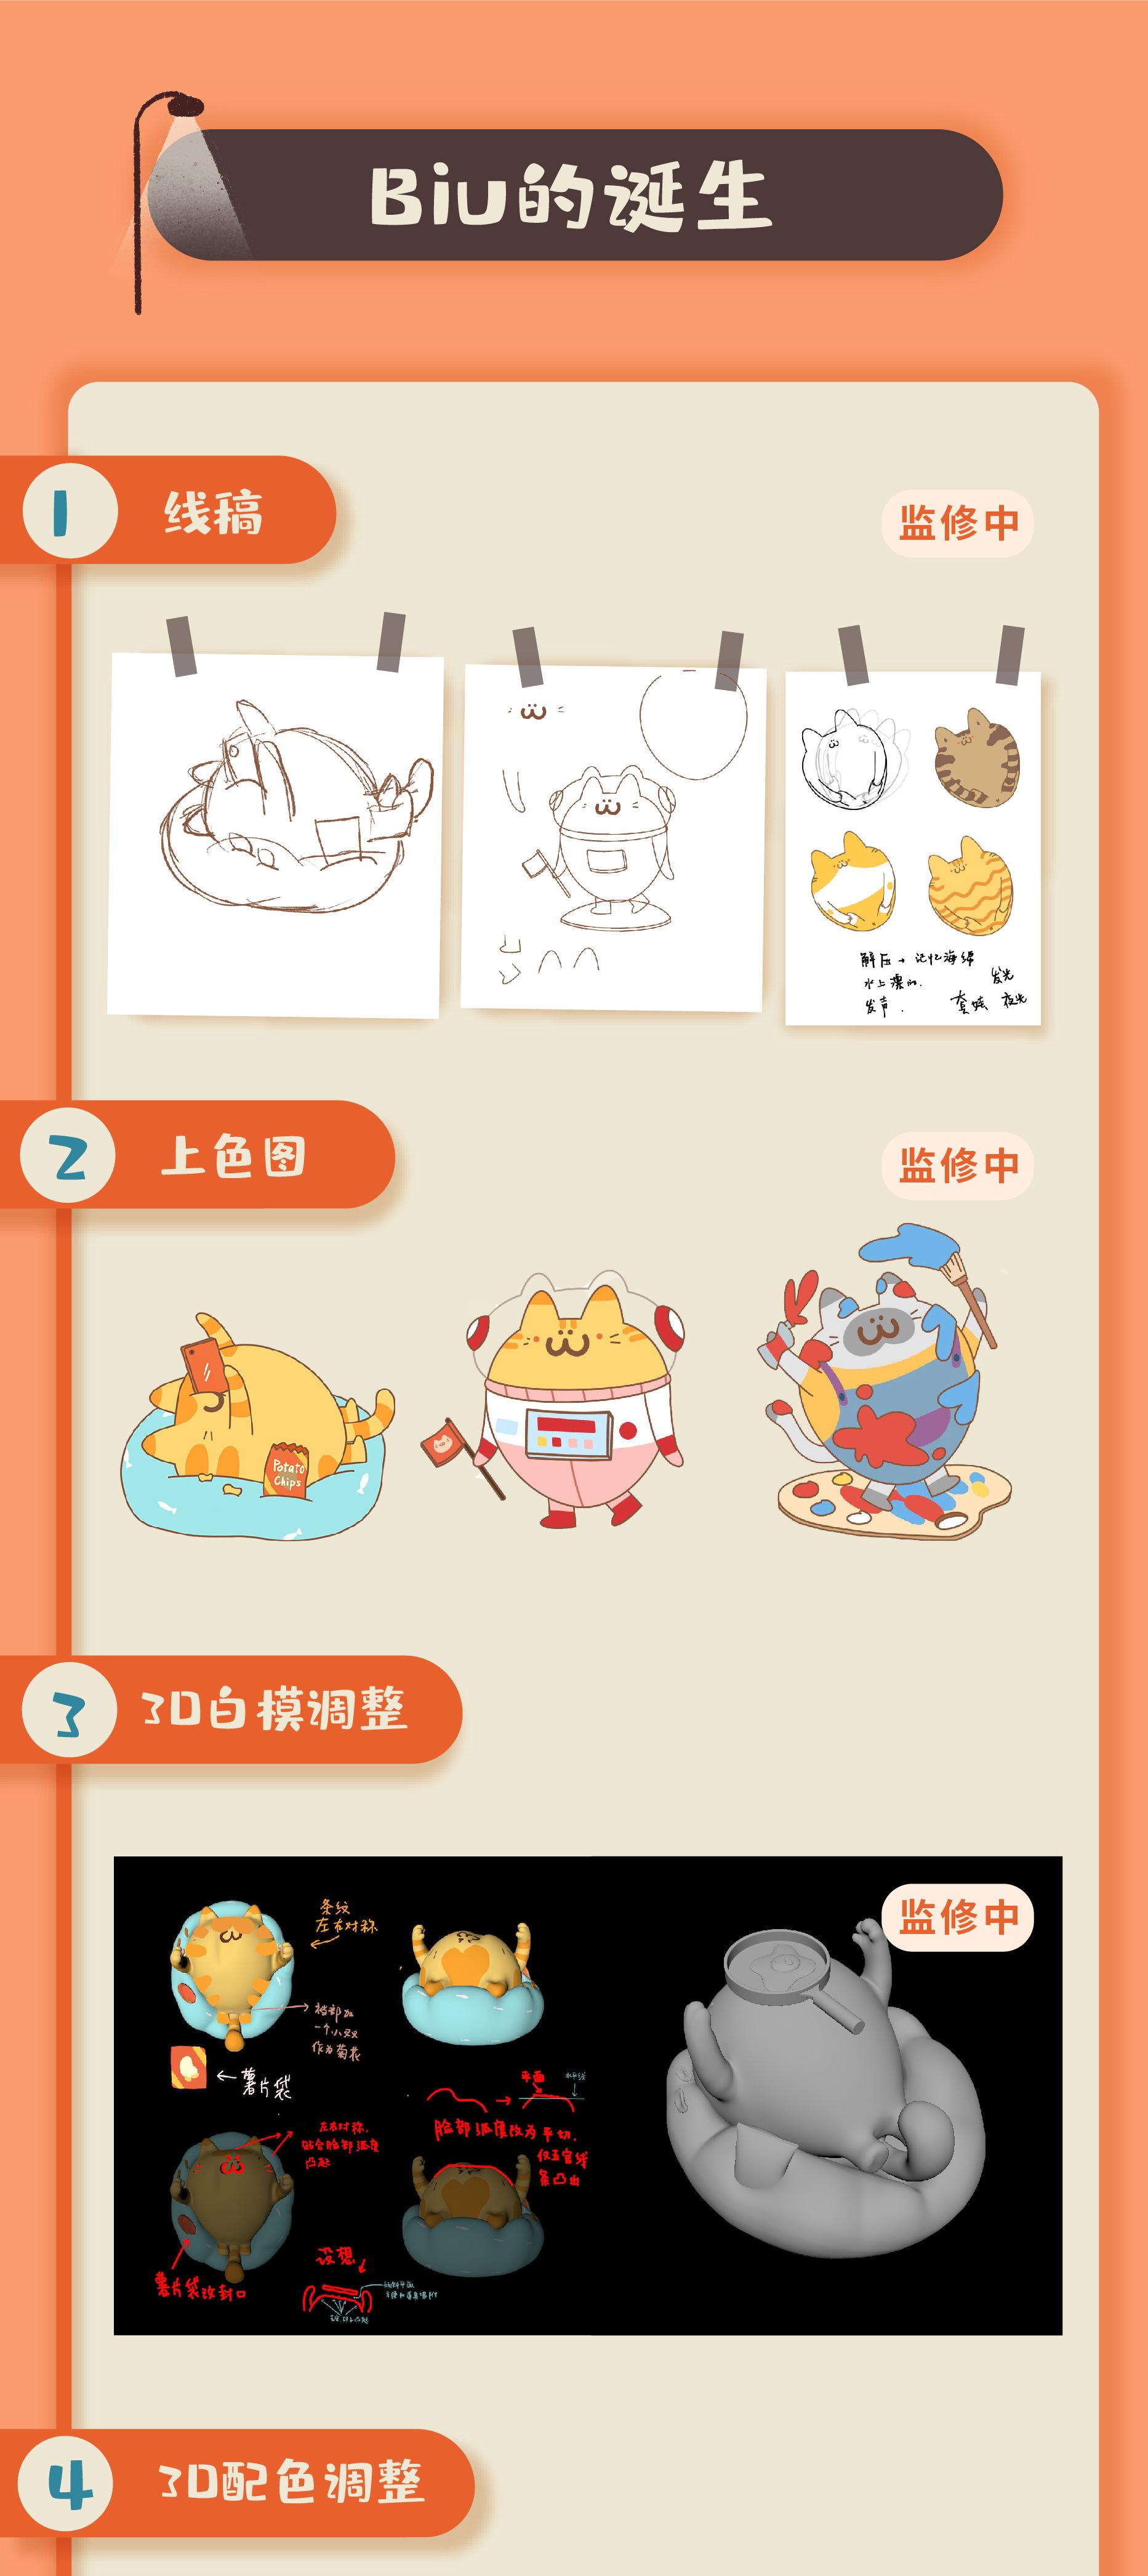 猫咪第一版肉橙色-13_看图王.jpg